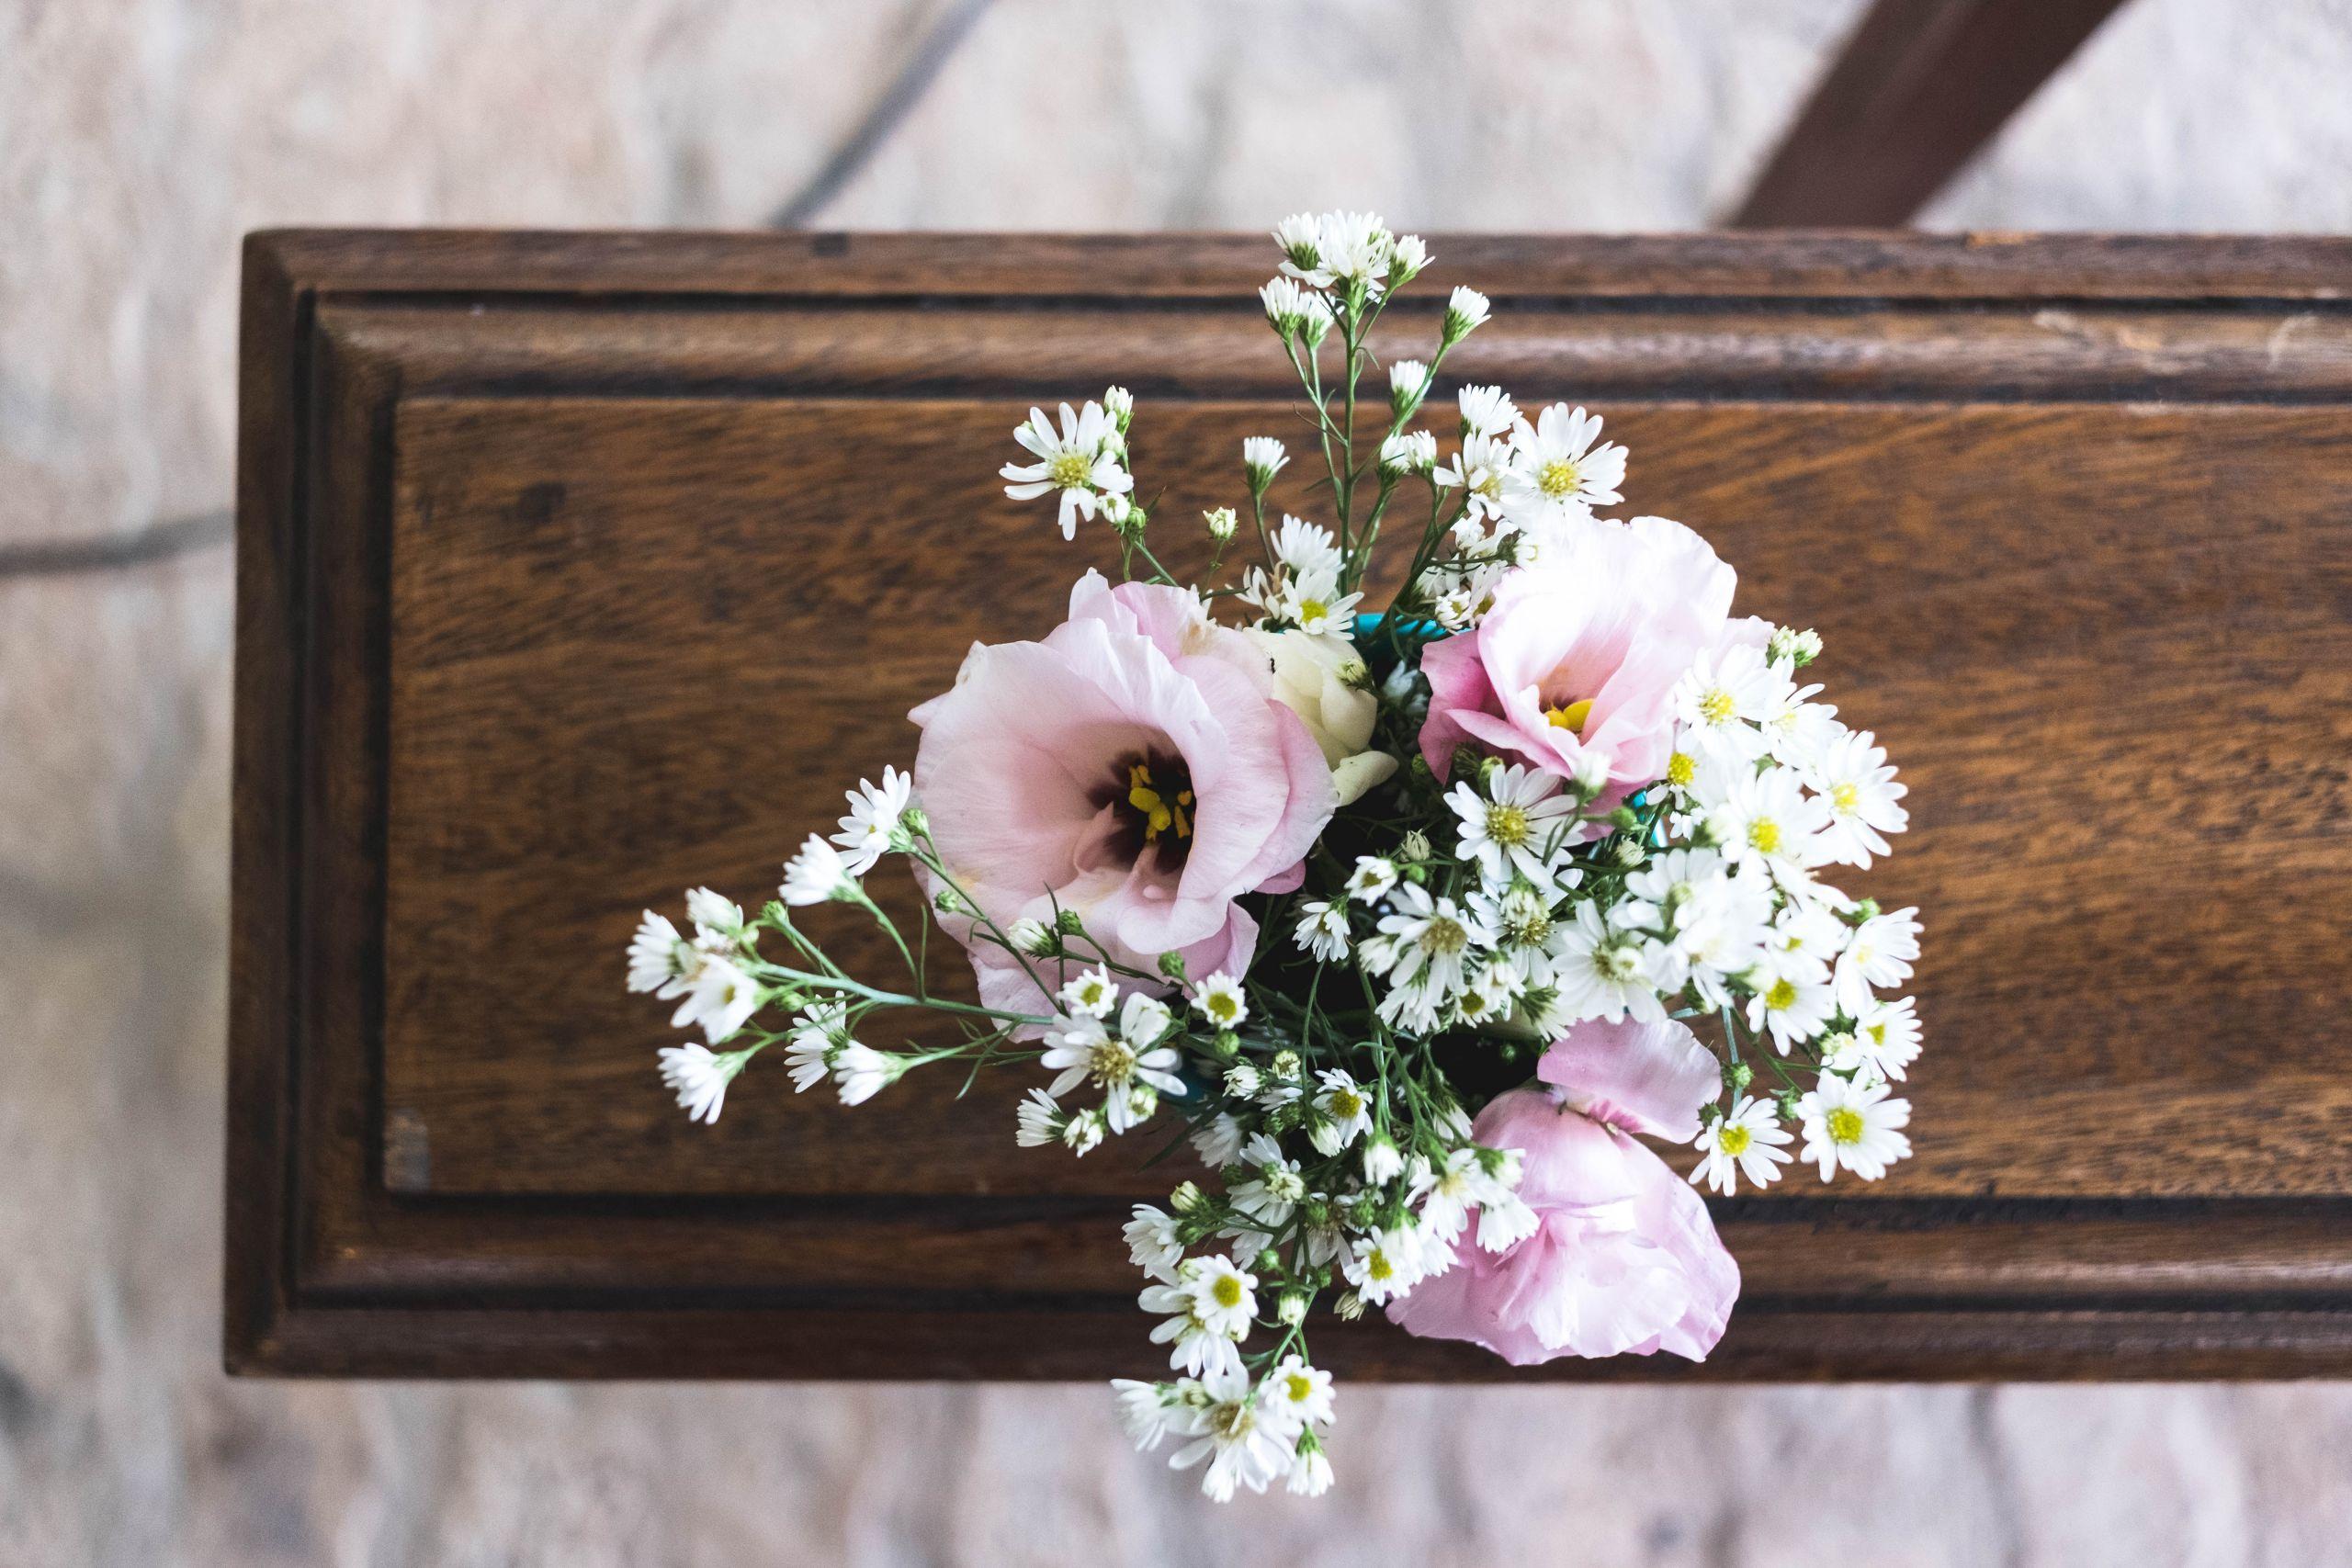 Godt at vide når man skal planlægge begravelse